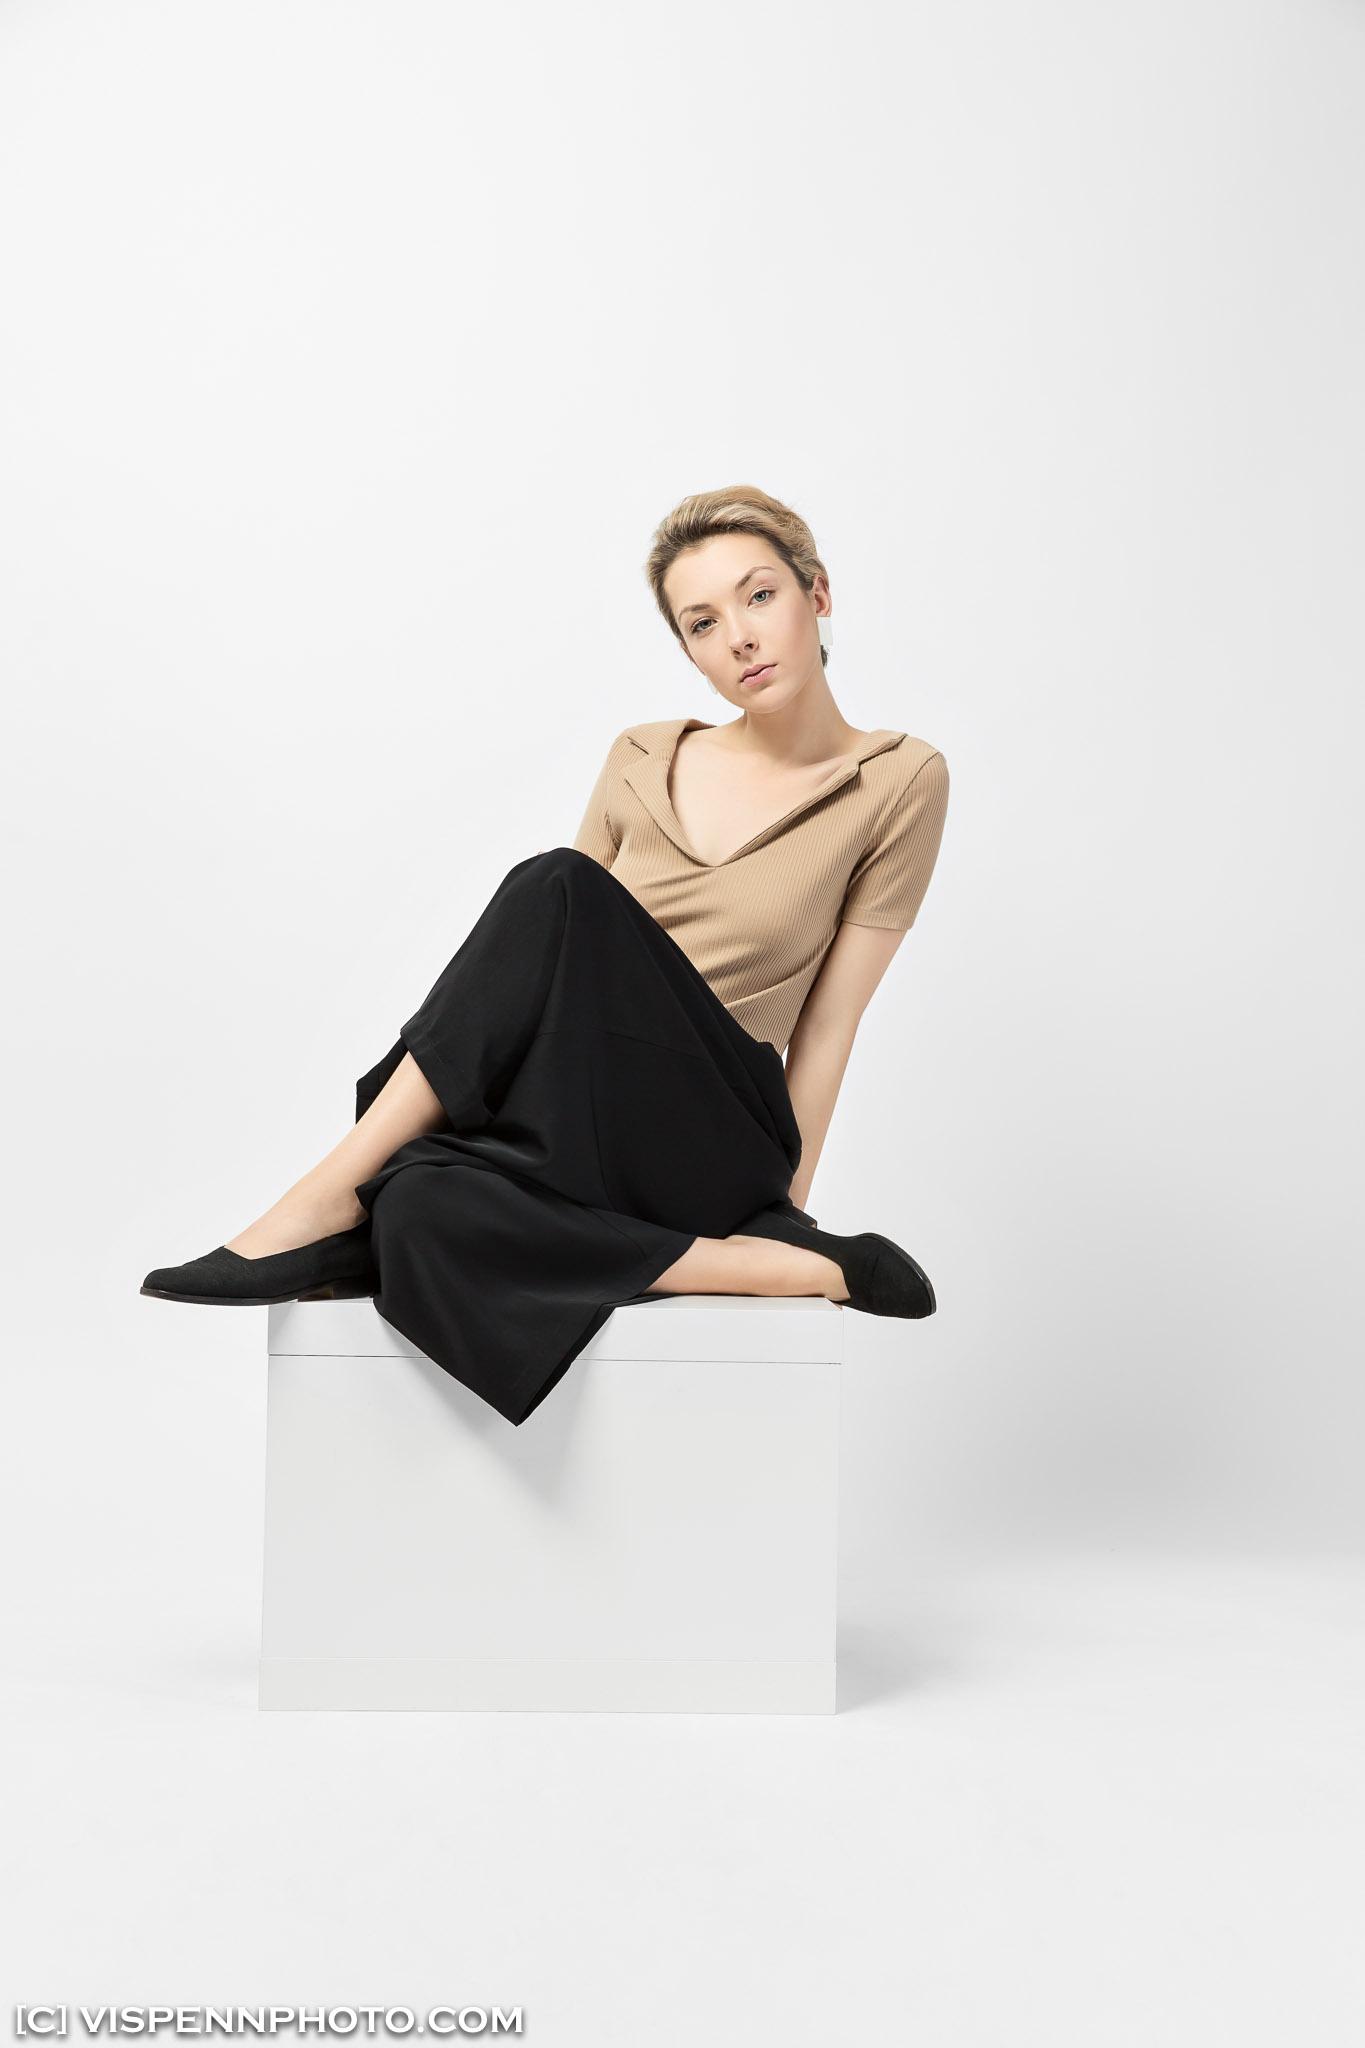 Melbourne Fashion Portrait Commercial Photography VISPENN 墨尔本 服装 商业 人像 摄影 5D1 0307